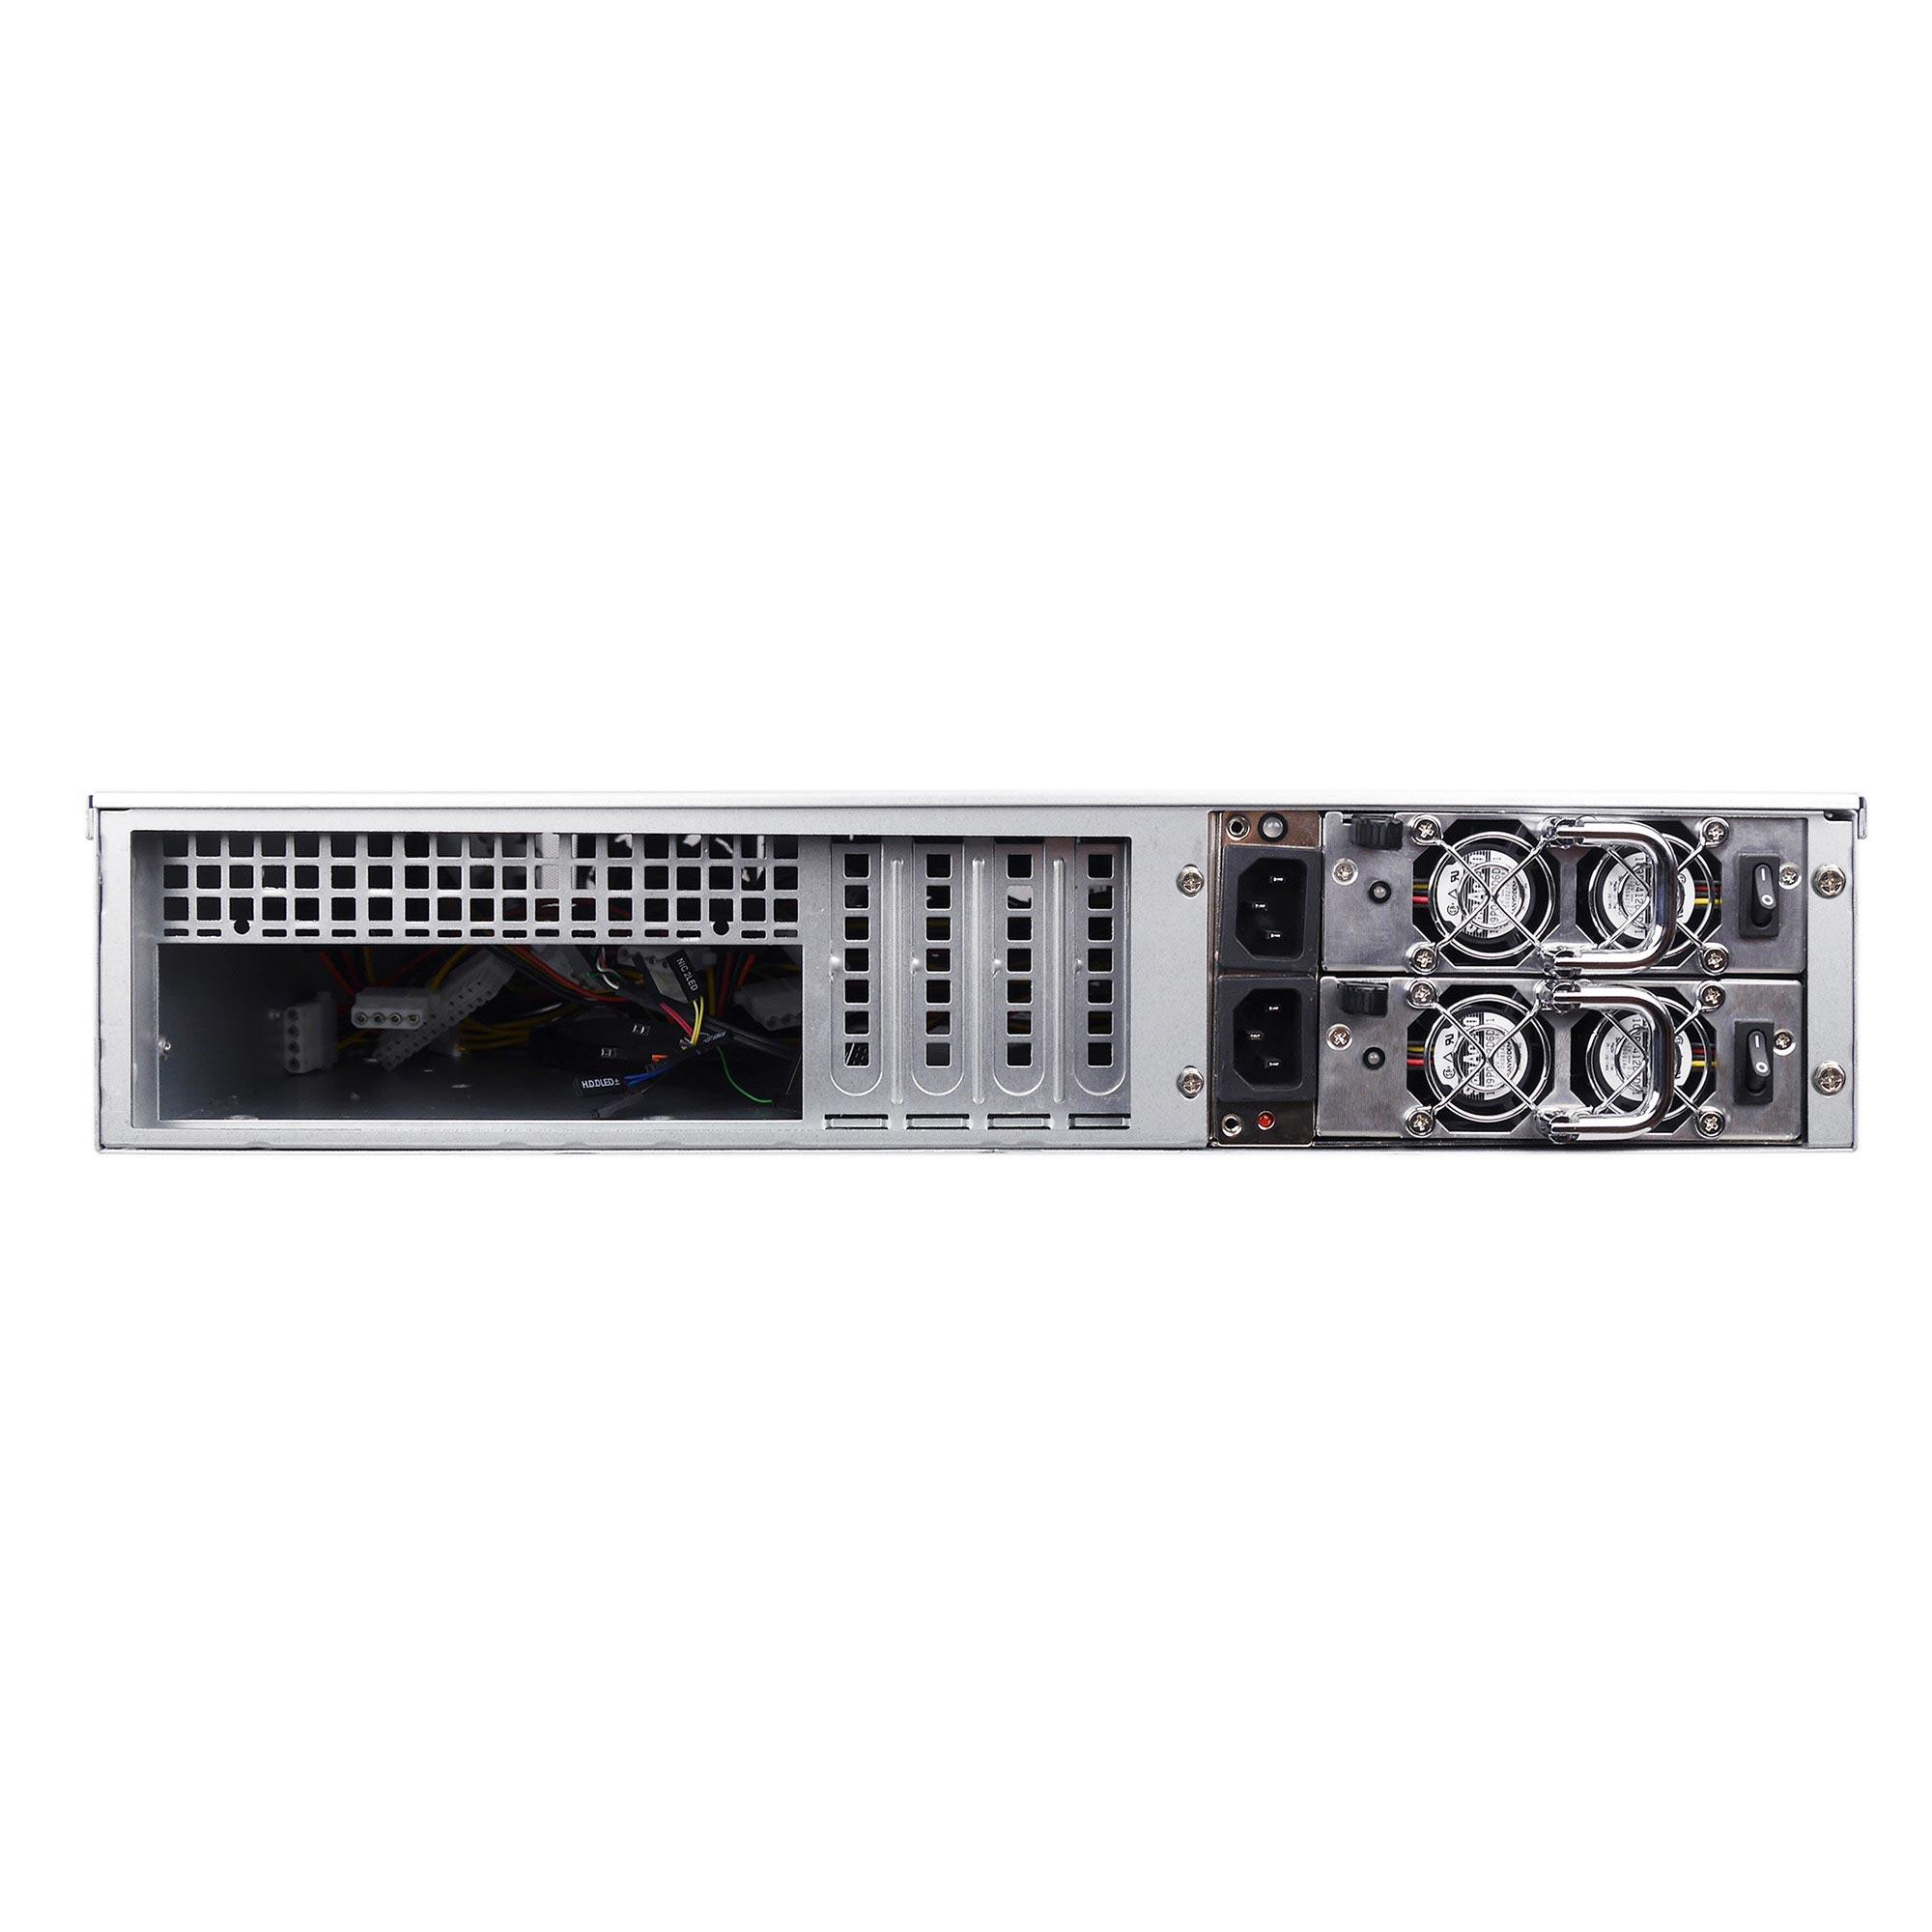 Серверный корпус 2U NR-N2442-H8 (EATX 12x13, 8x 2.5 HS SAS/SATA, 2x3.5int, 480mm), чёрный, NegoRack